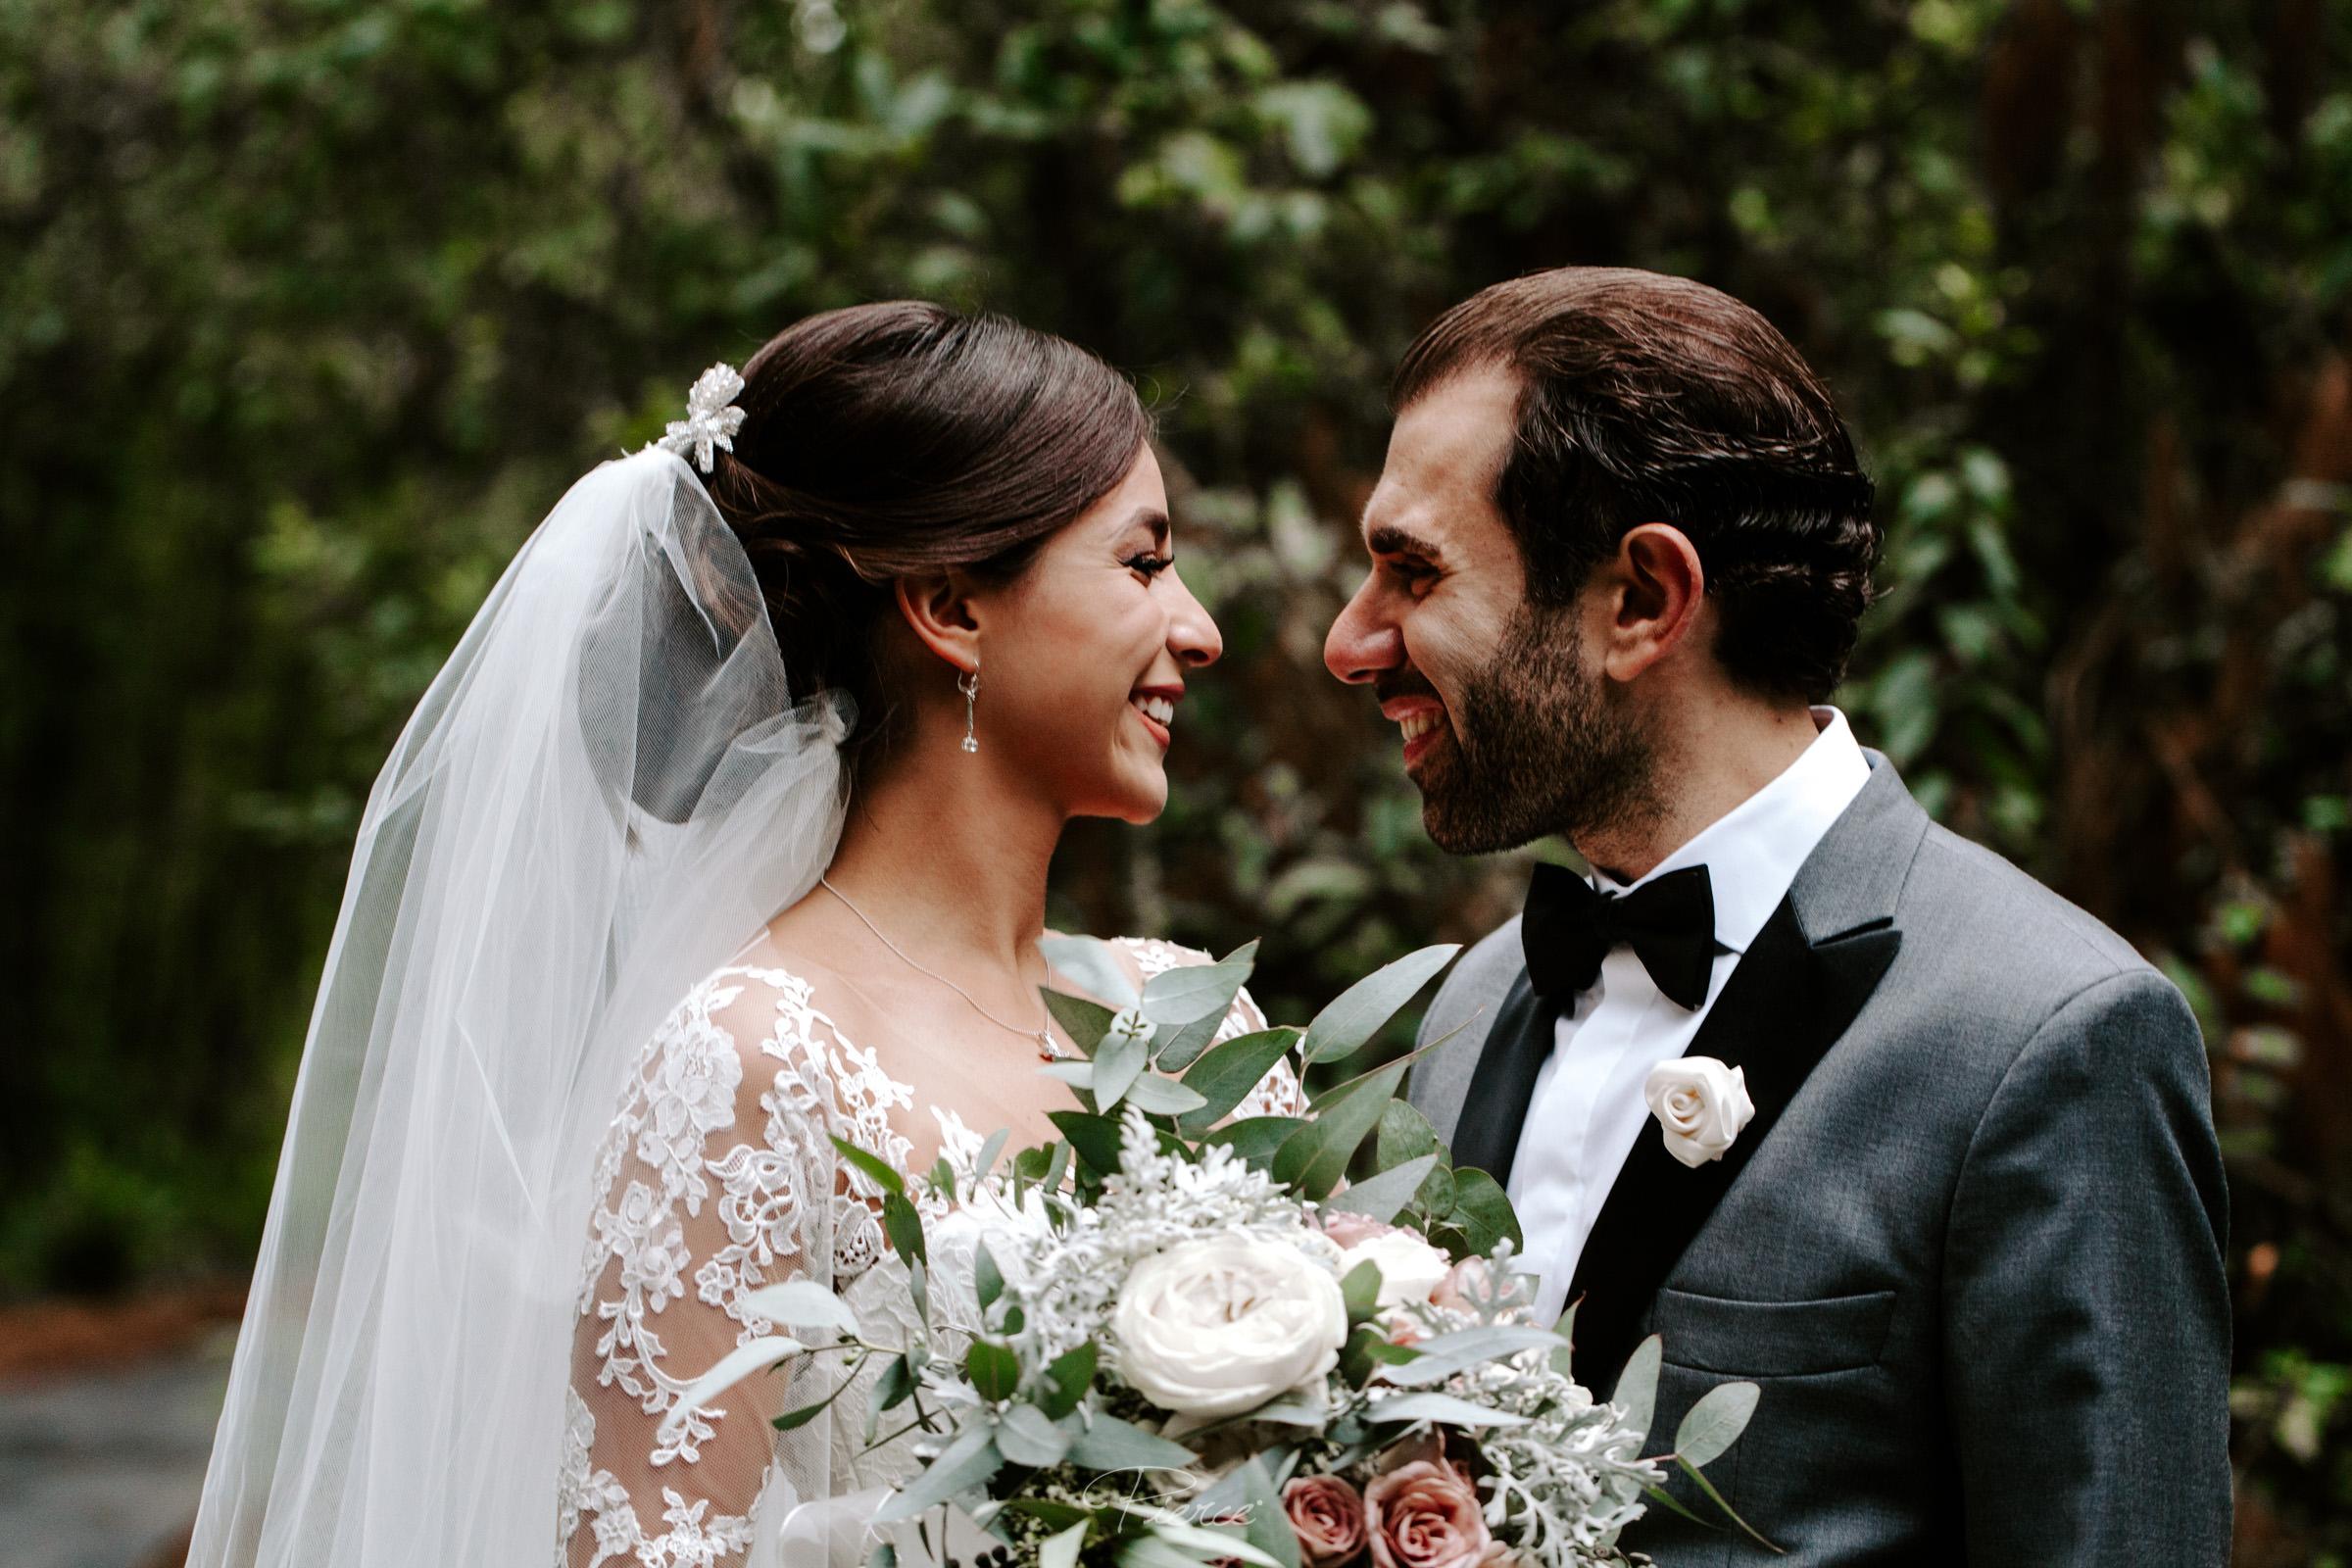 fotografia-de-boda-valle-de-bravo-mexico-rosmarino-pierce-weddings-0046.JPG